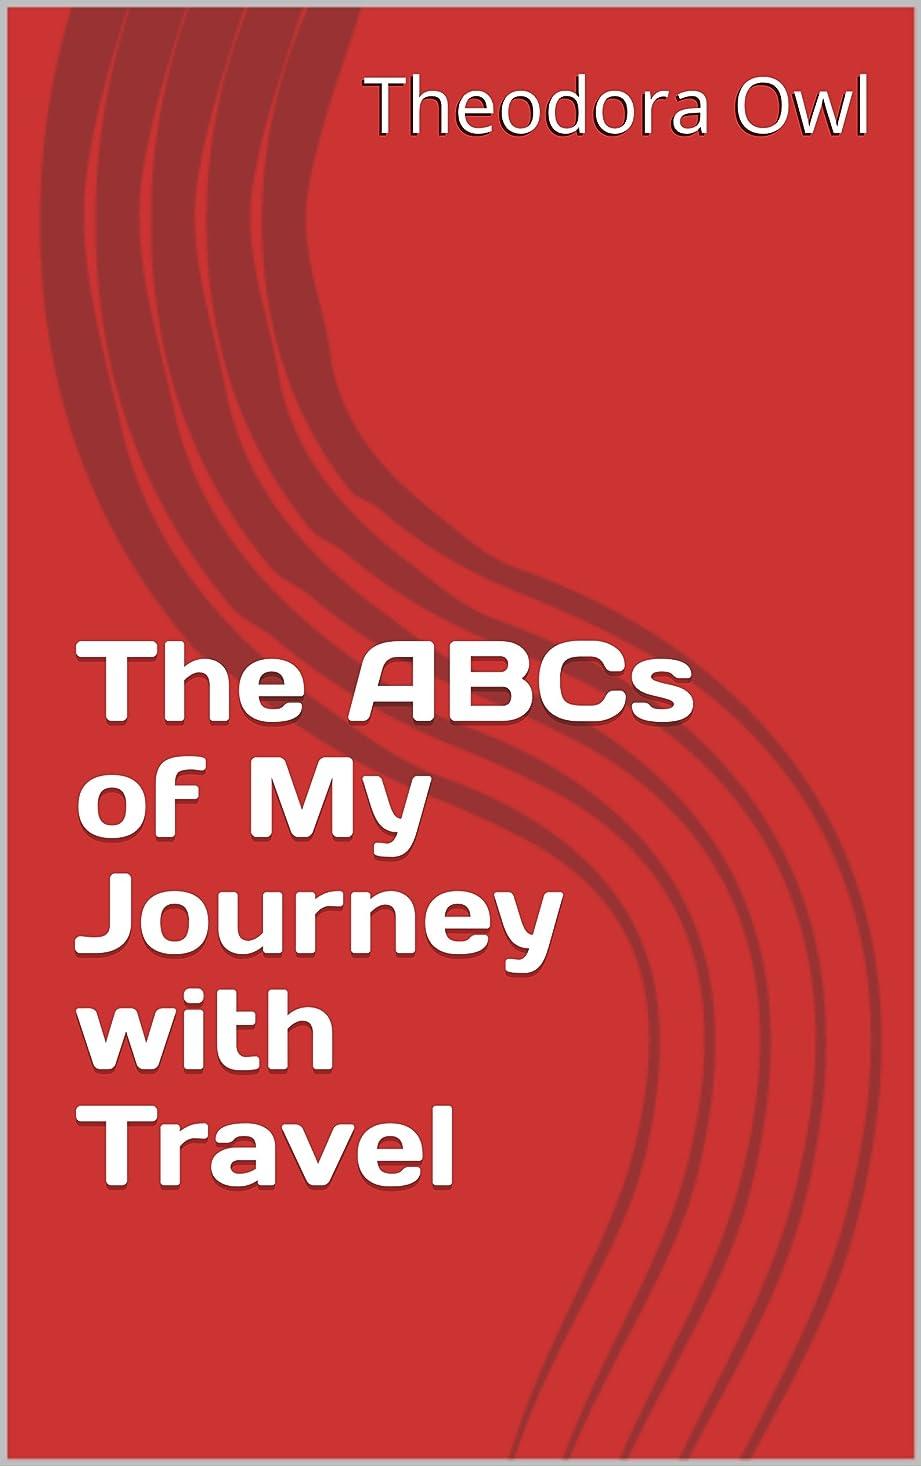 絶妙作り測るThe ABCs of My Journey with Travel (English Edition)